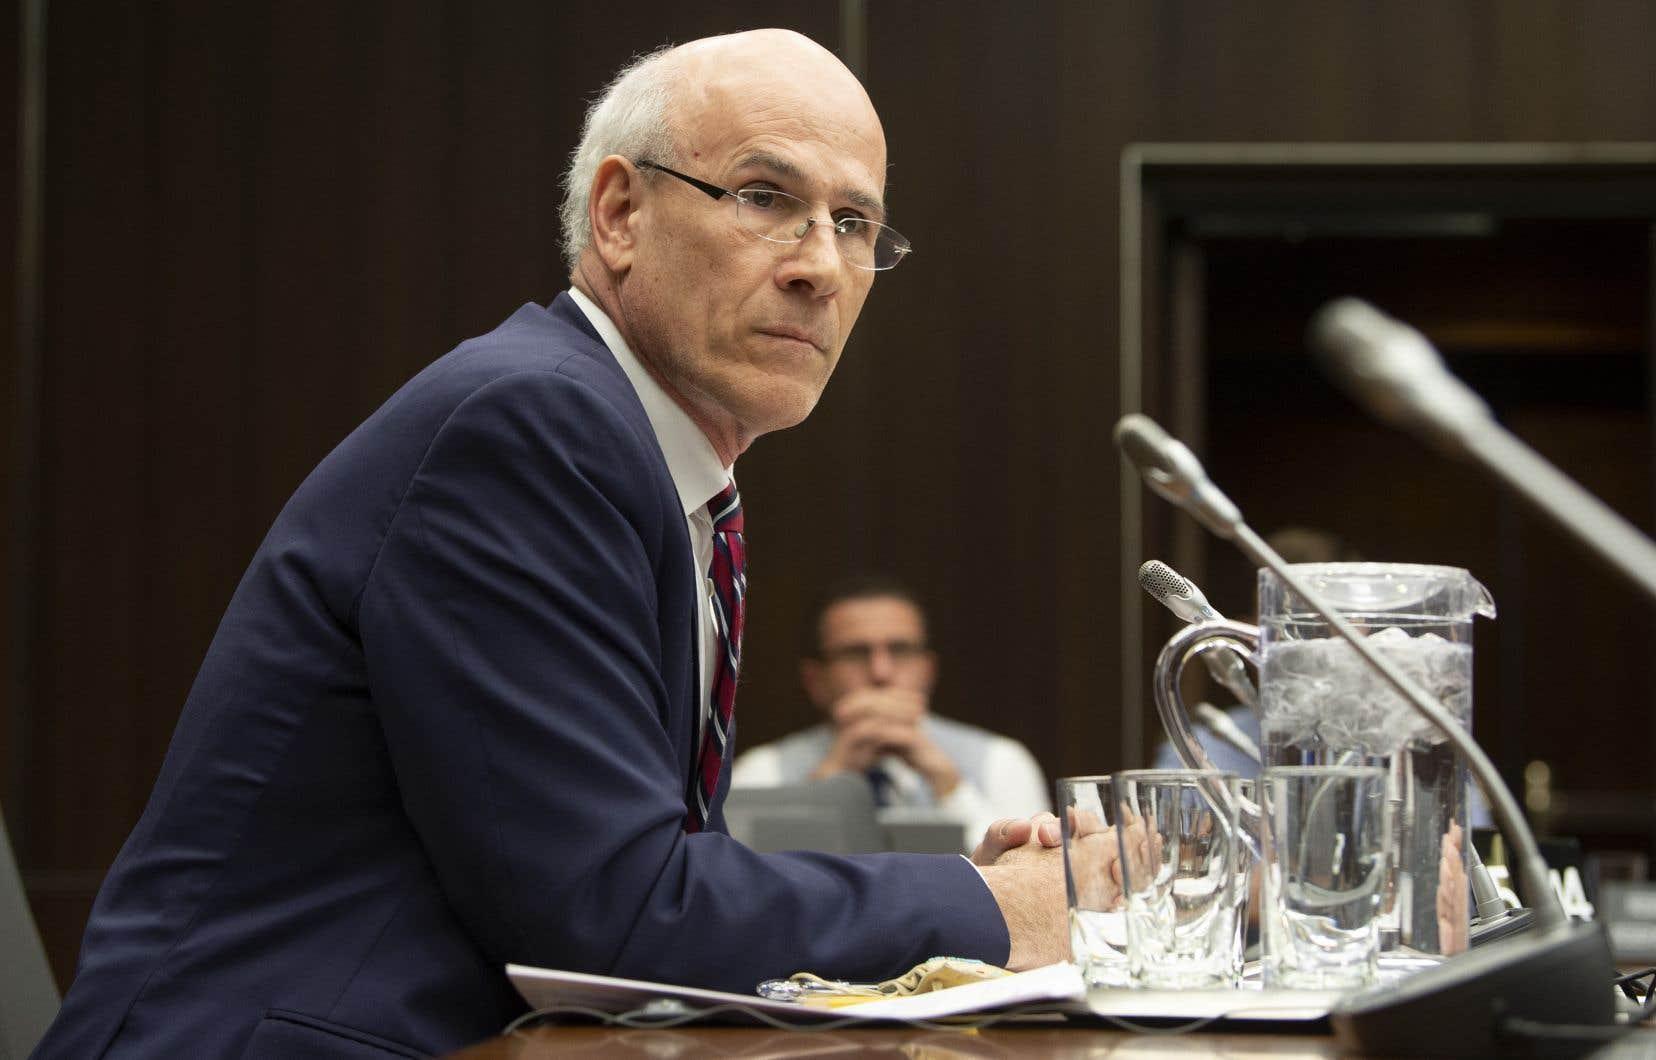 Michael Wernick, greffier du Conseil privé, a nié tout parti pris même s'il s'est employé durant son témoignage à défendre Justin Trudeau et son équipe.